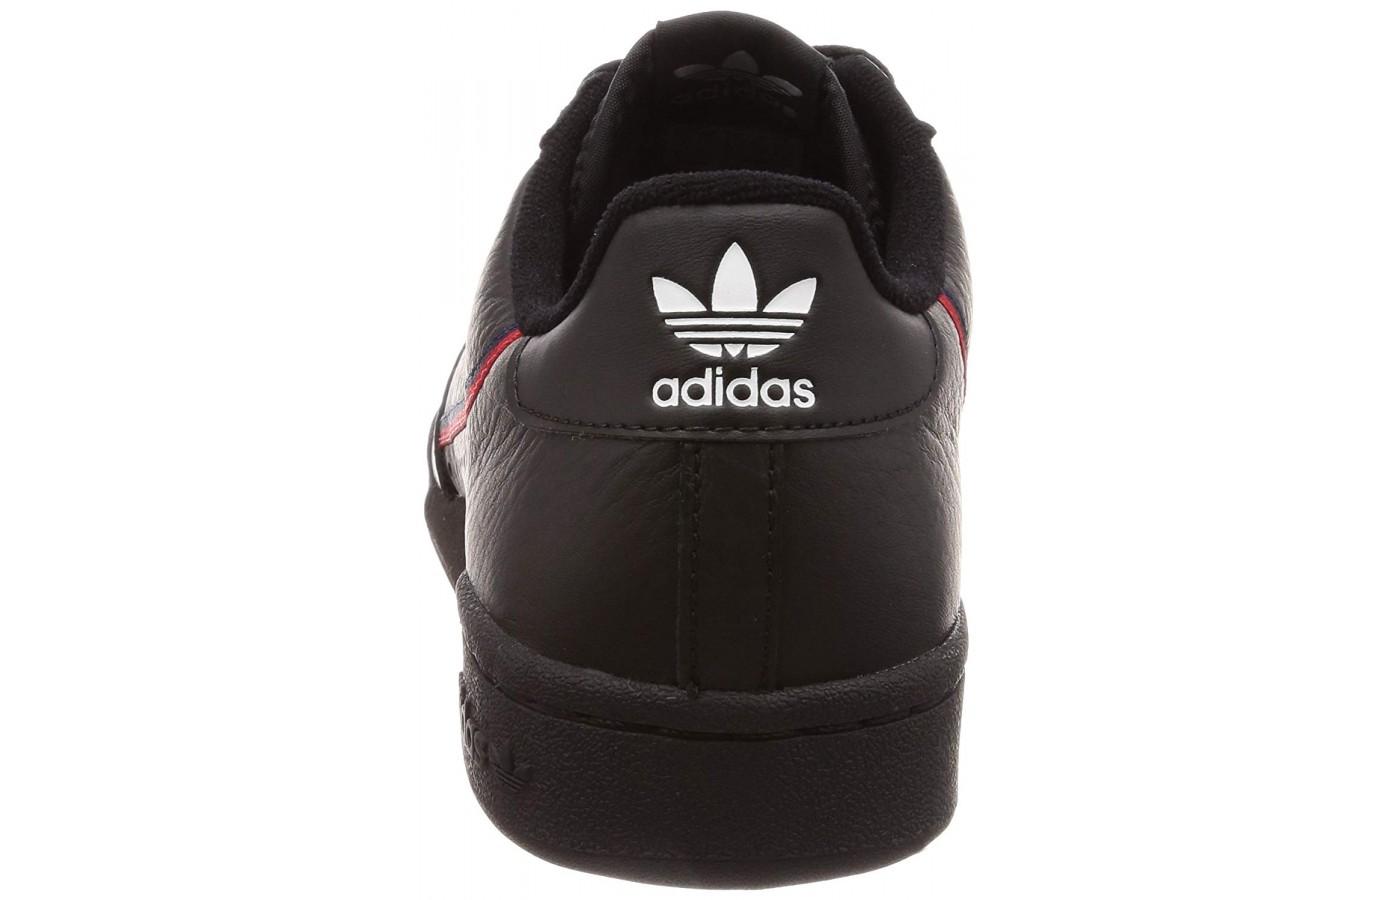 Adidas Continental 80 Heel